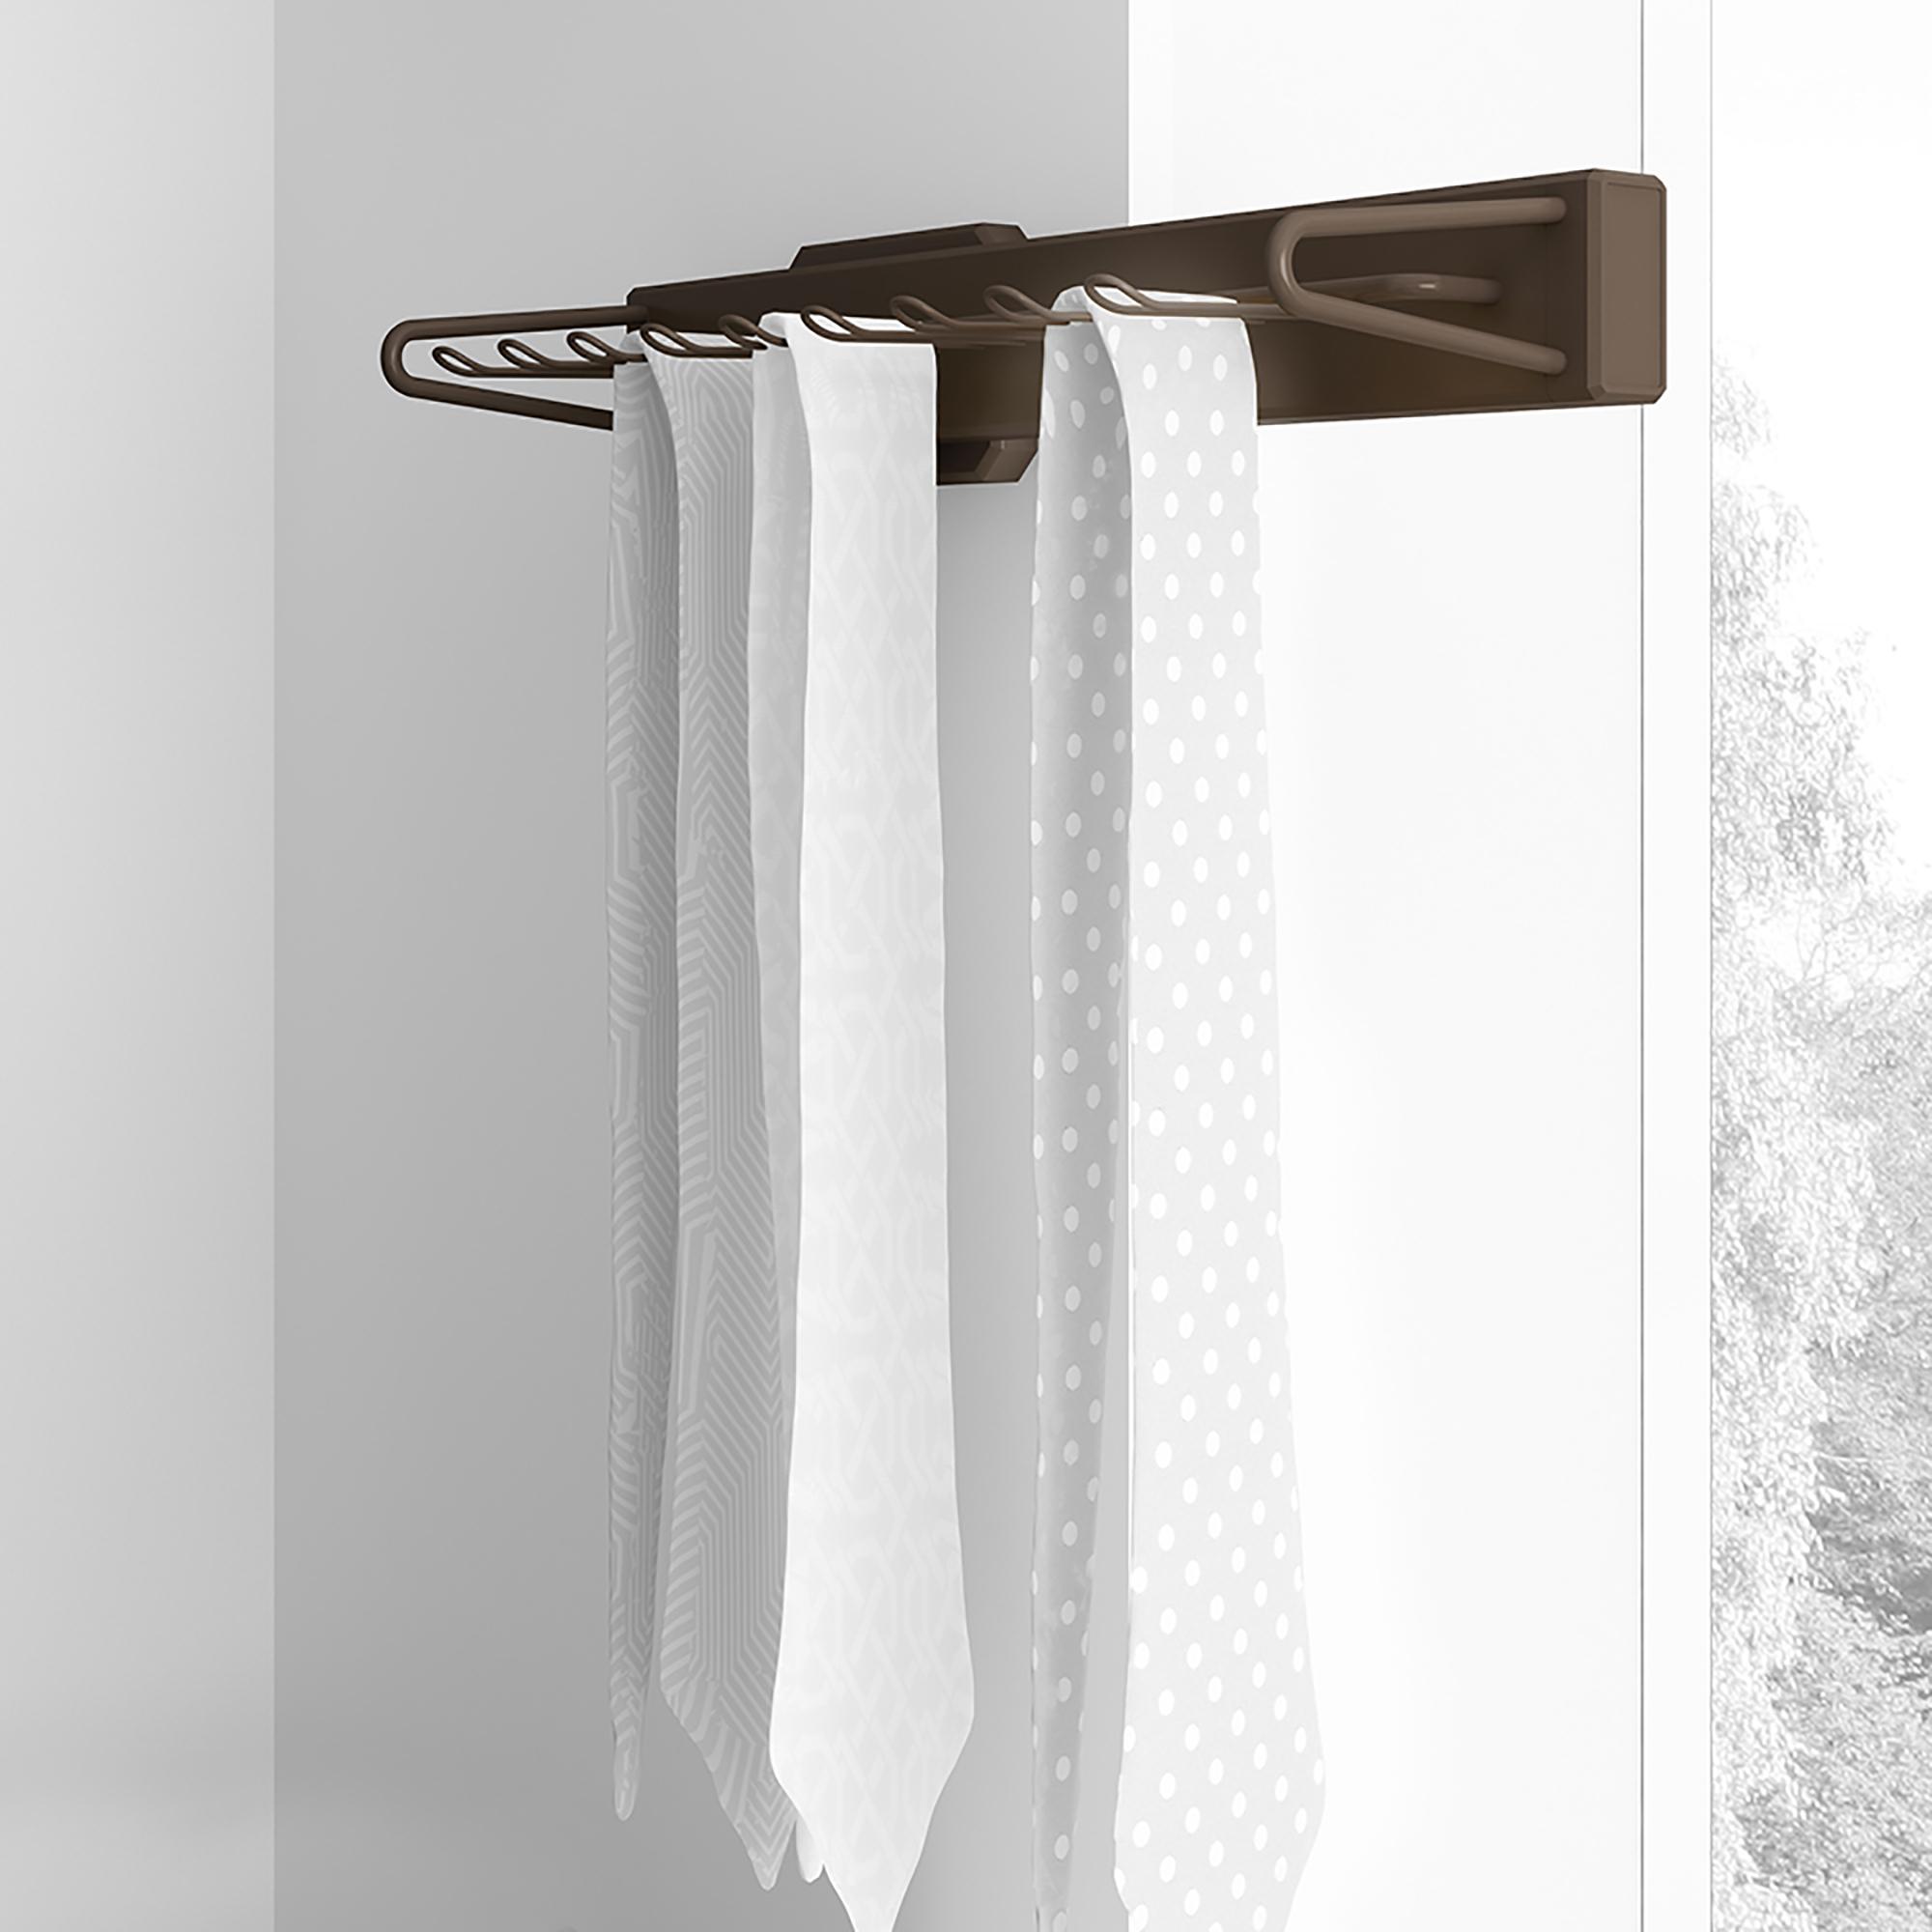 Emuca Porta cravatte laterale estraibile, chiusura soft, Alluminio e plastica, Color moka